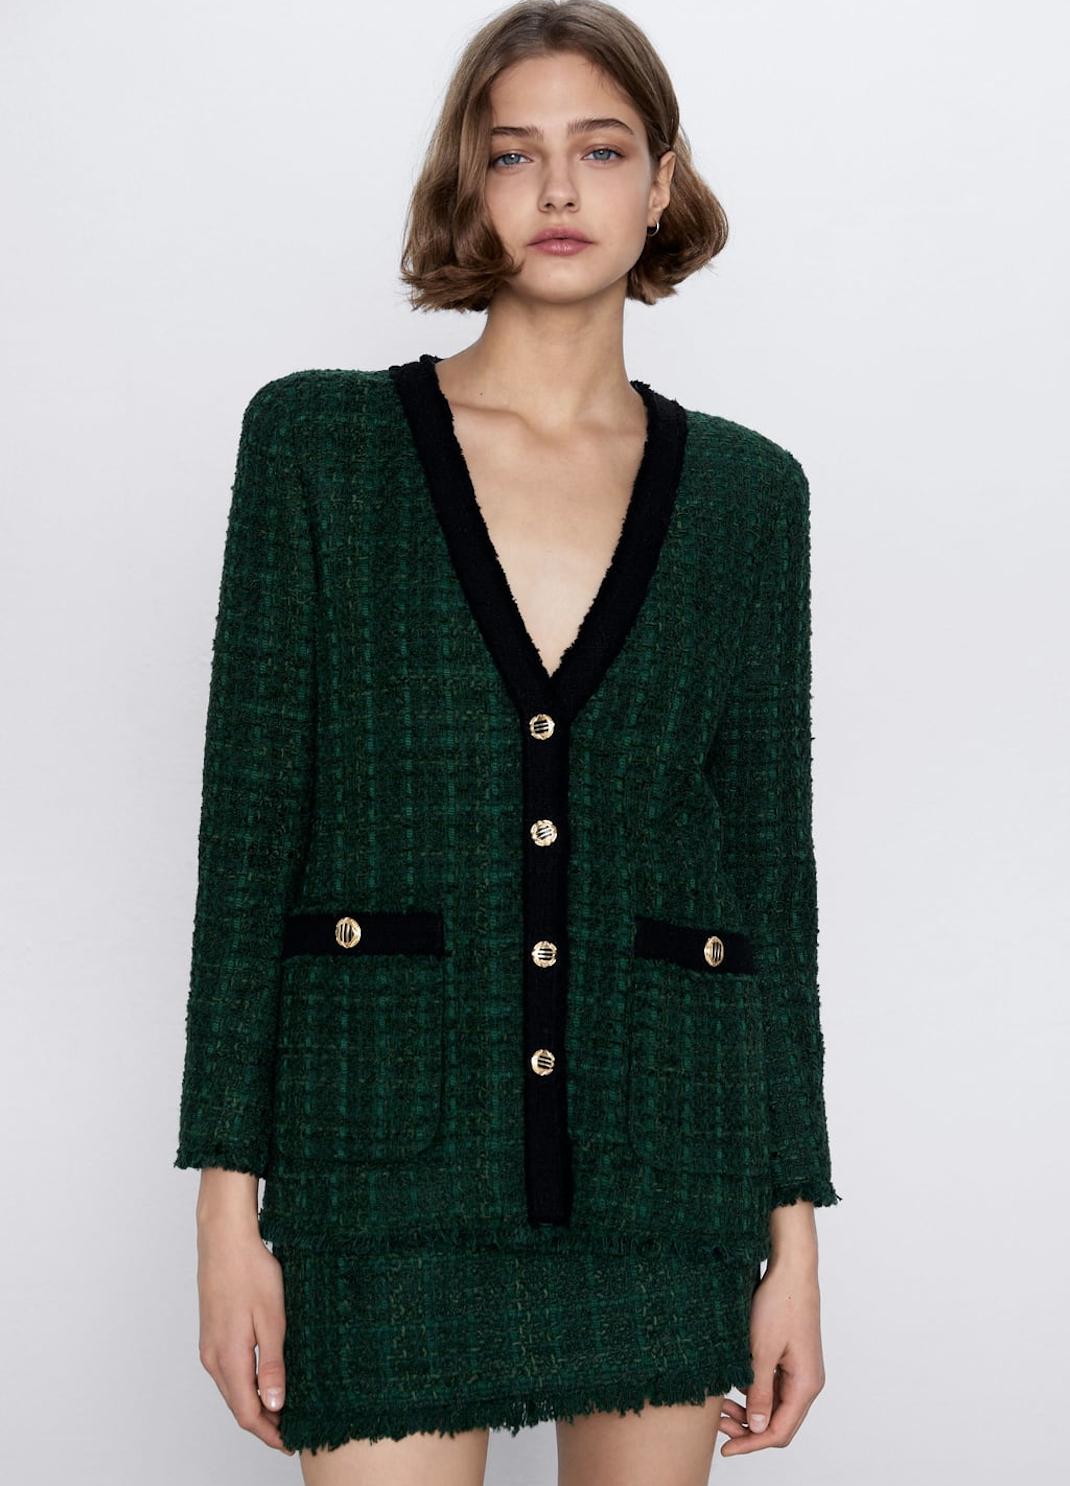 γυναίκα με τουίντ σακάκι Zara